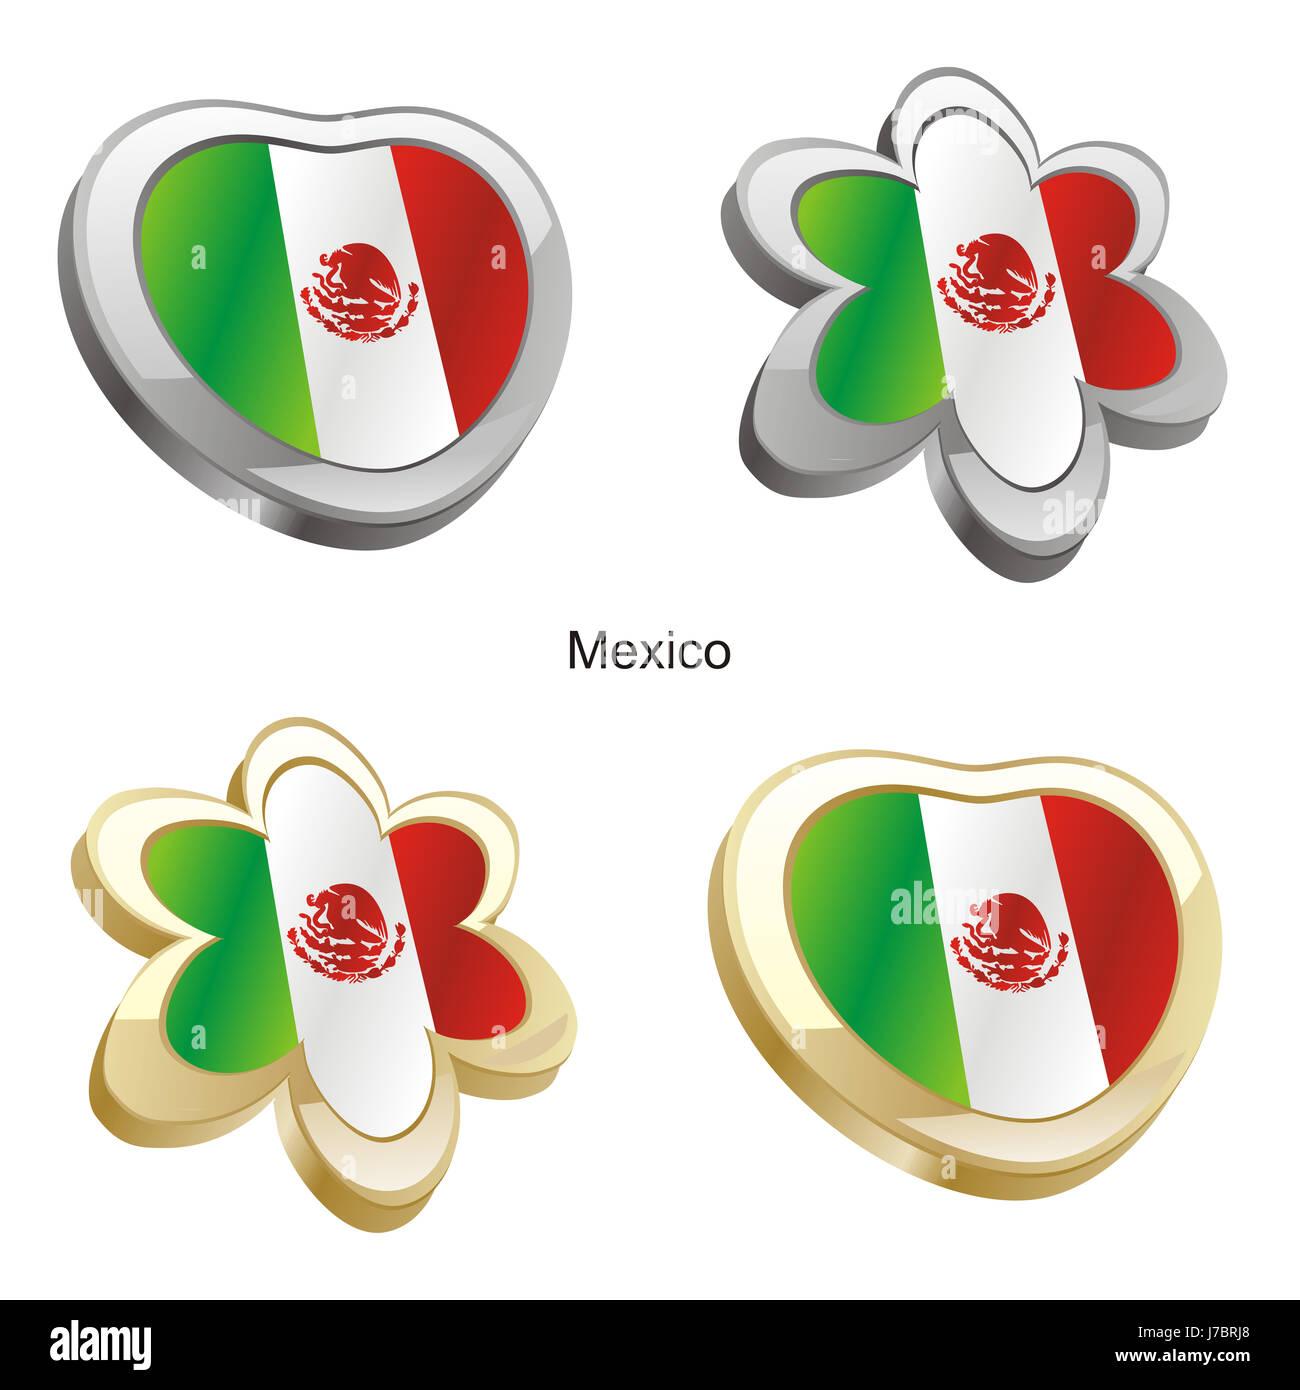 Fein Mexiko Flagge Farbung Seite Galerie - Malvorlagen Von Tieren ...